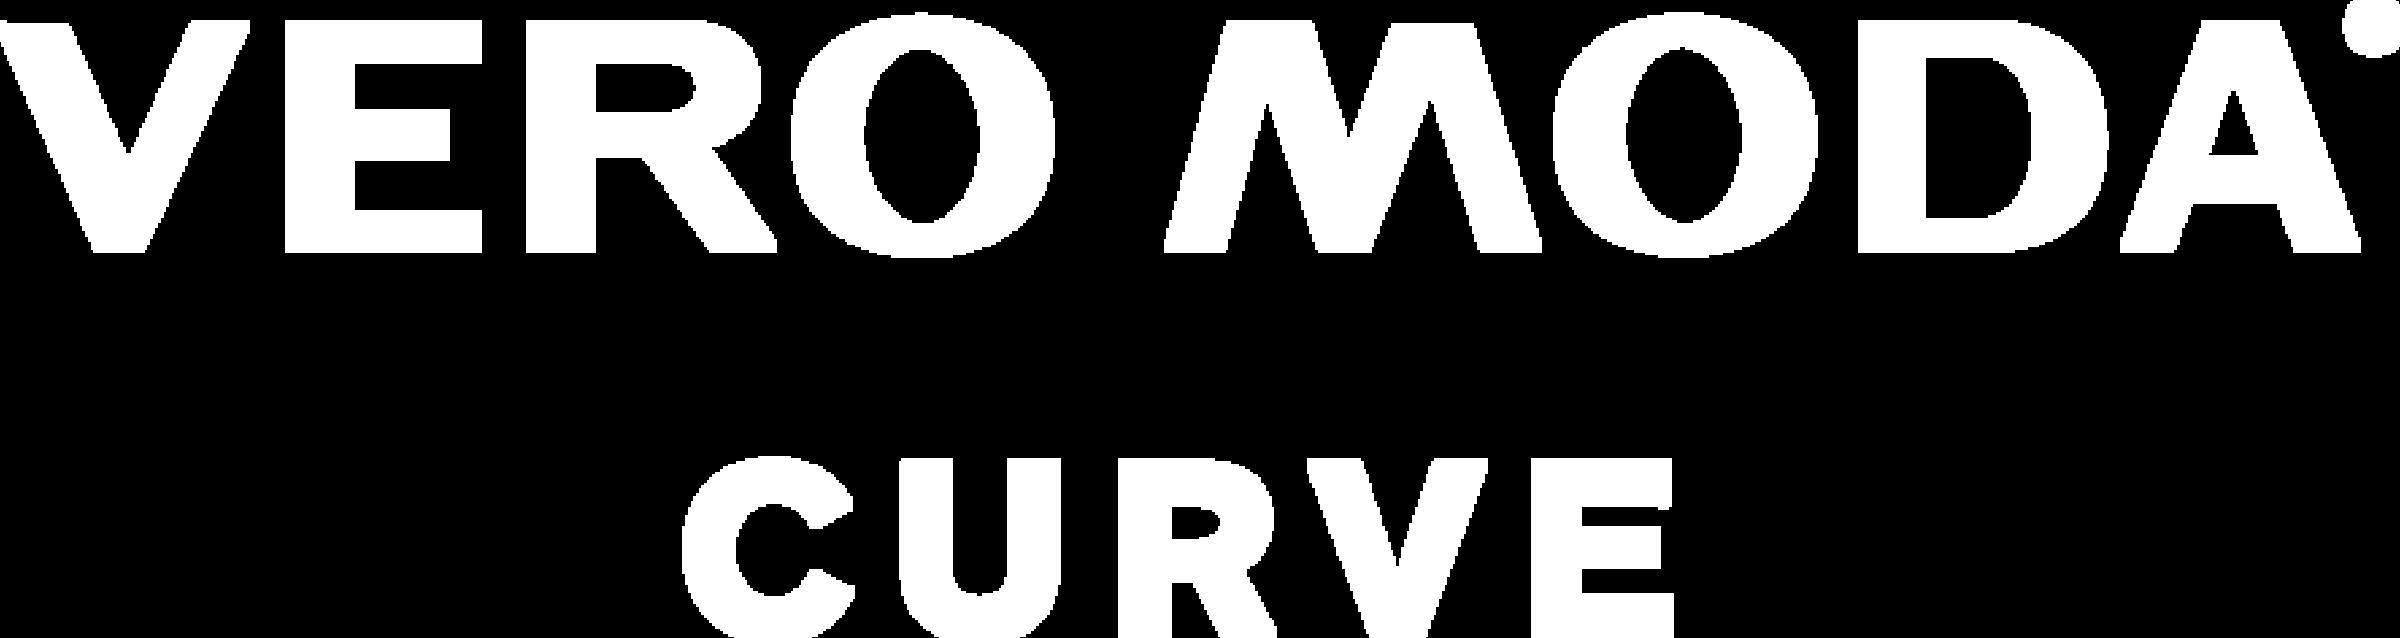 Vero Moda Curve Logo